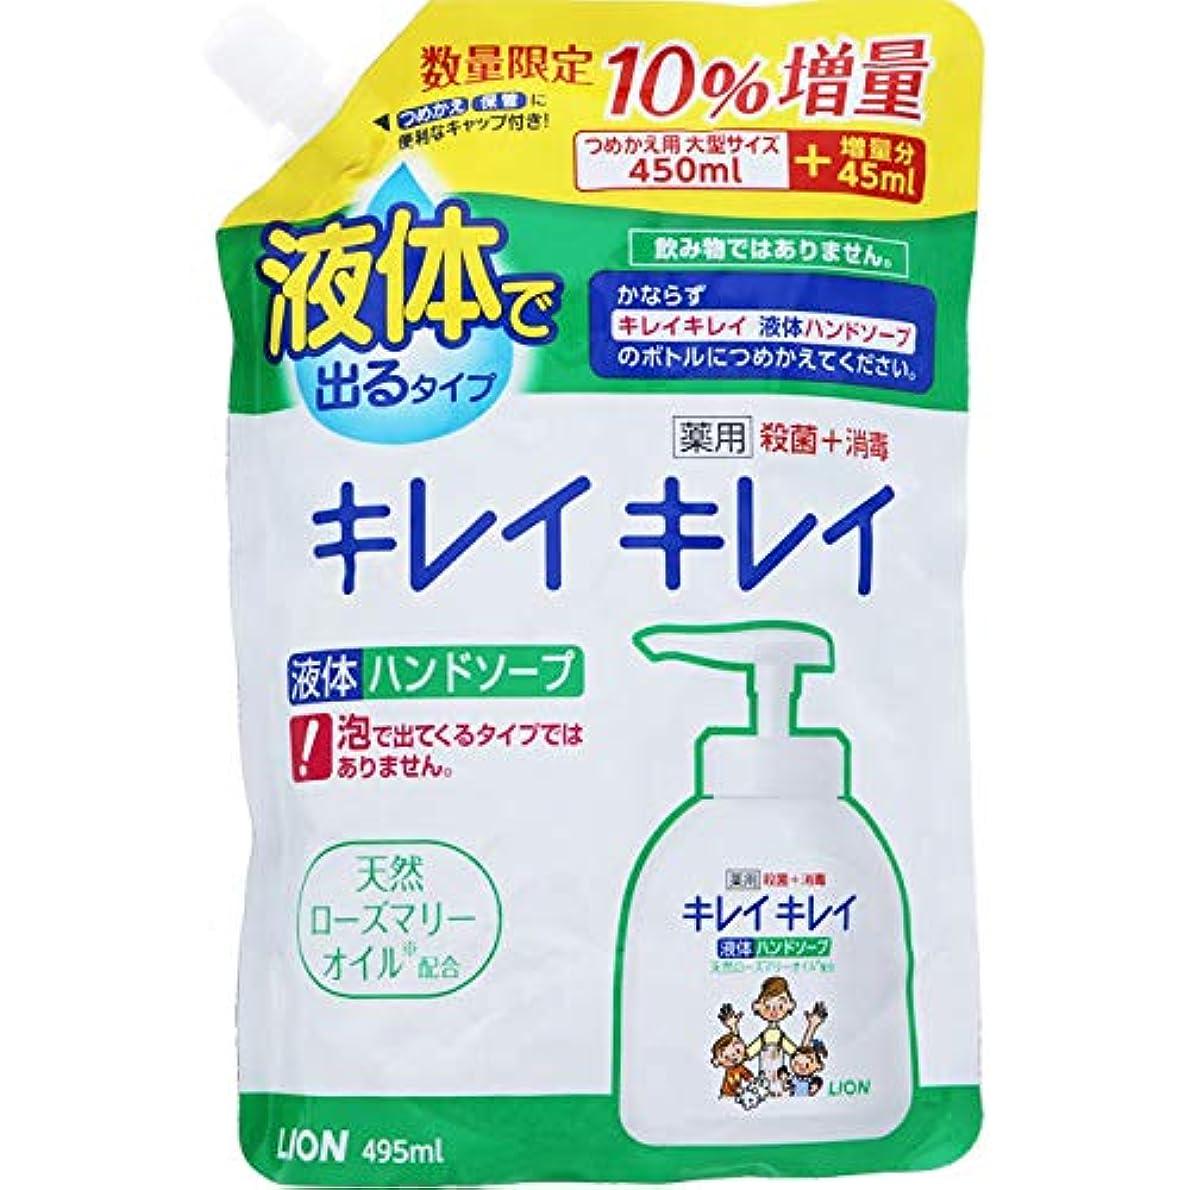 シチリア編集者維持ライオン キレイキレイ 薬用ハンドソープ 詰替用大型増量 450+45ml